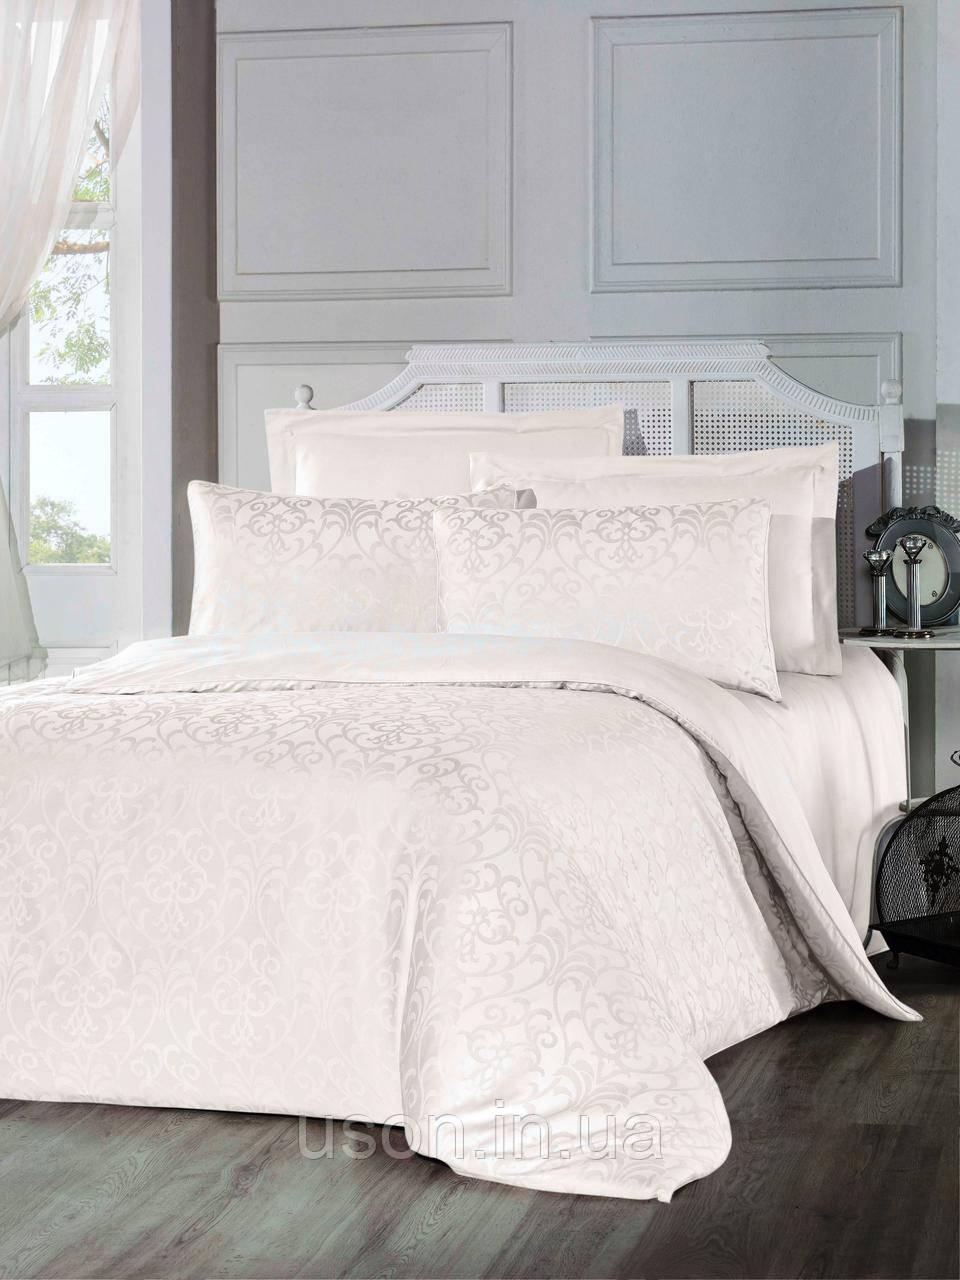 Комплект  постельного белья из  жаккарда евро размер ТМ ALTINBASAK Elizya krem